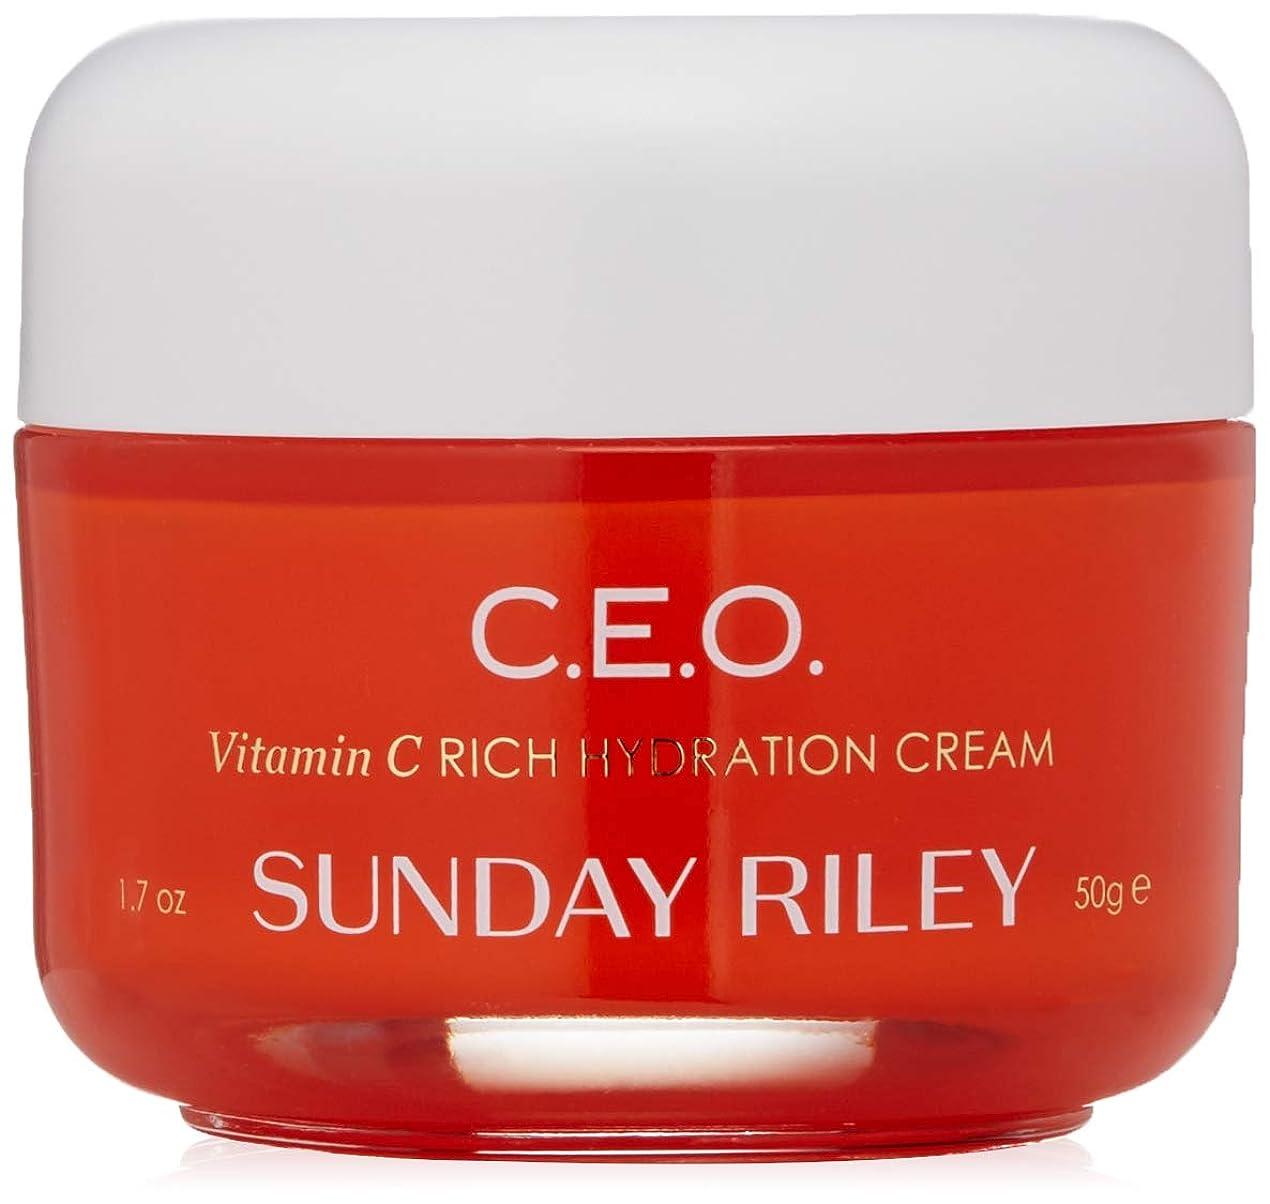 調整する裁量楕円形Sunday Riley C.e.o. Vitamin C Rich Hydration Cream, 50g /1.7 Oz サンデーライリー プロテクト&リペアクリーム